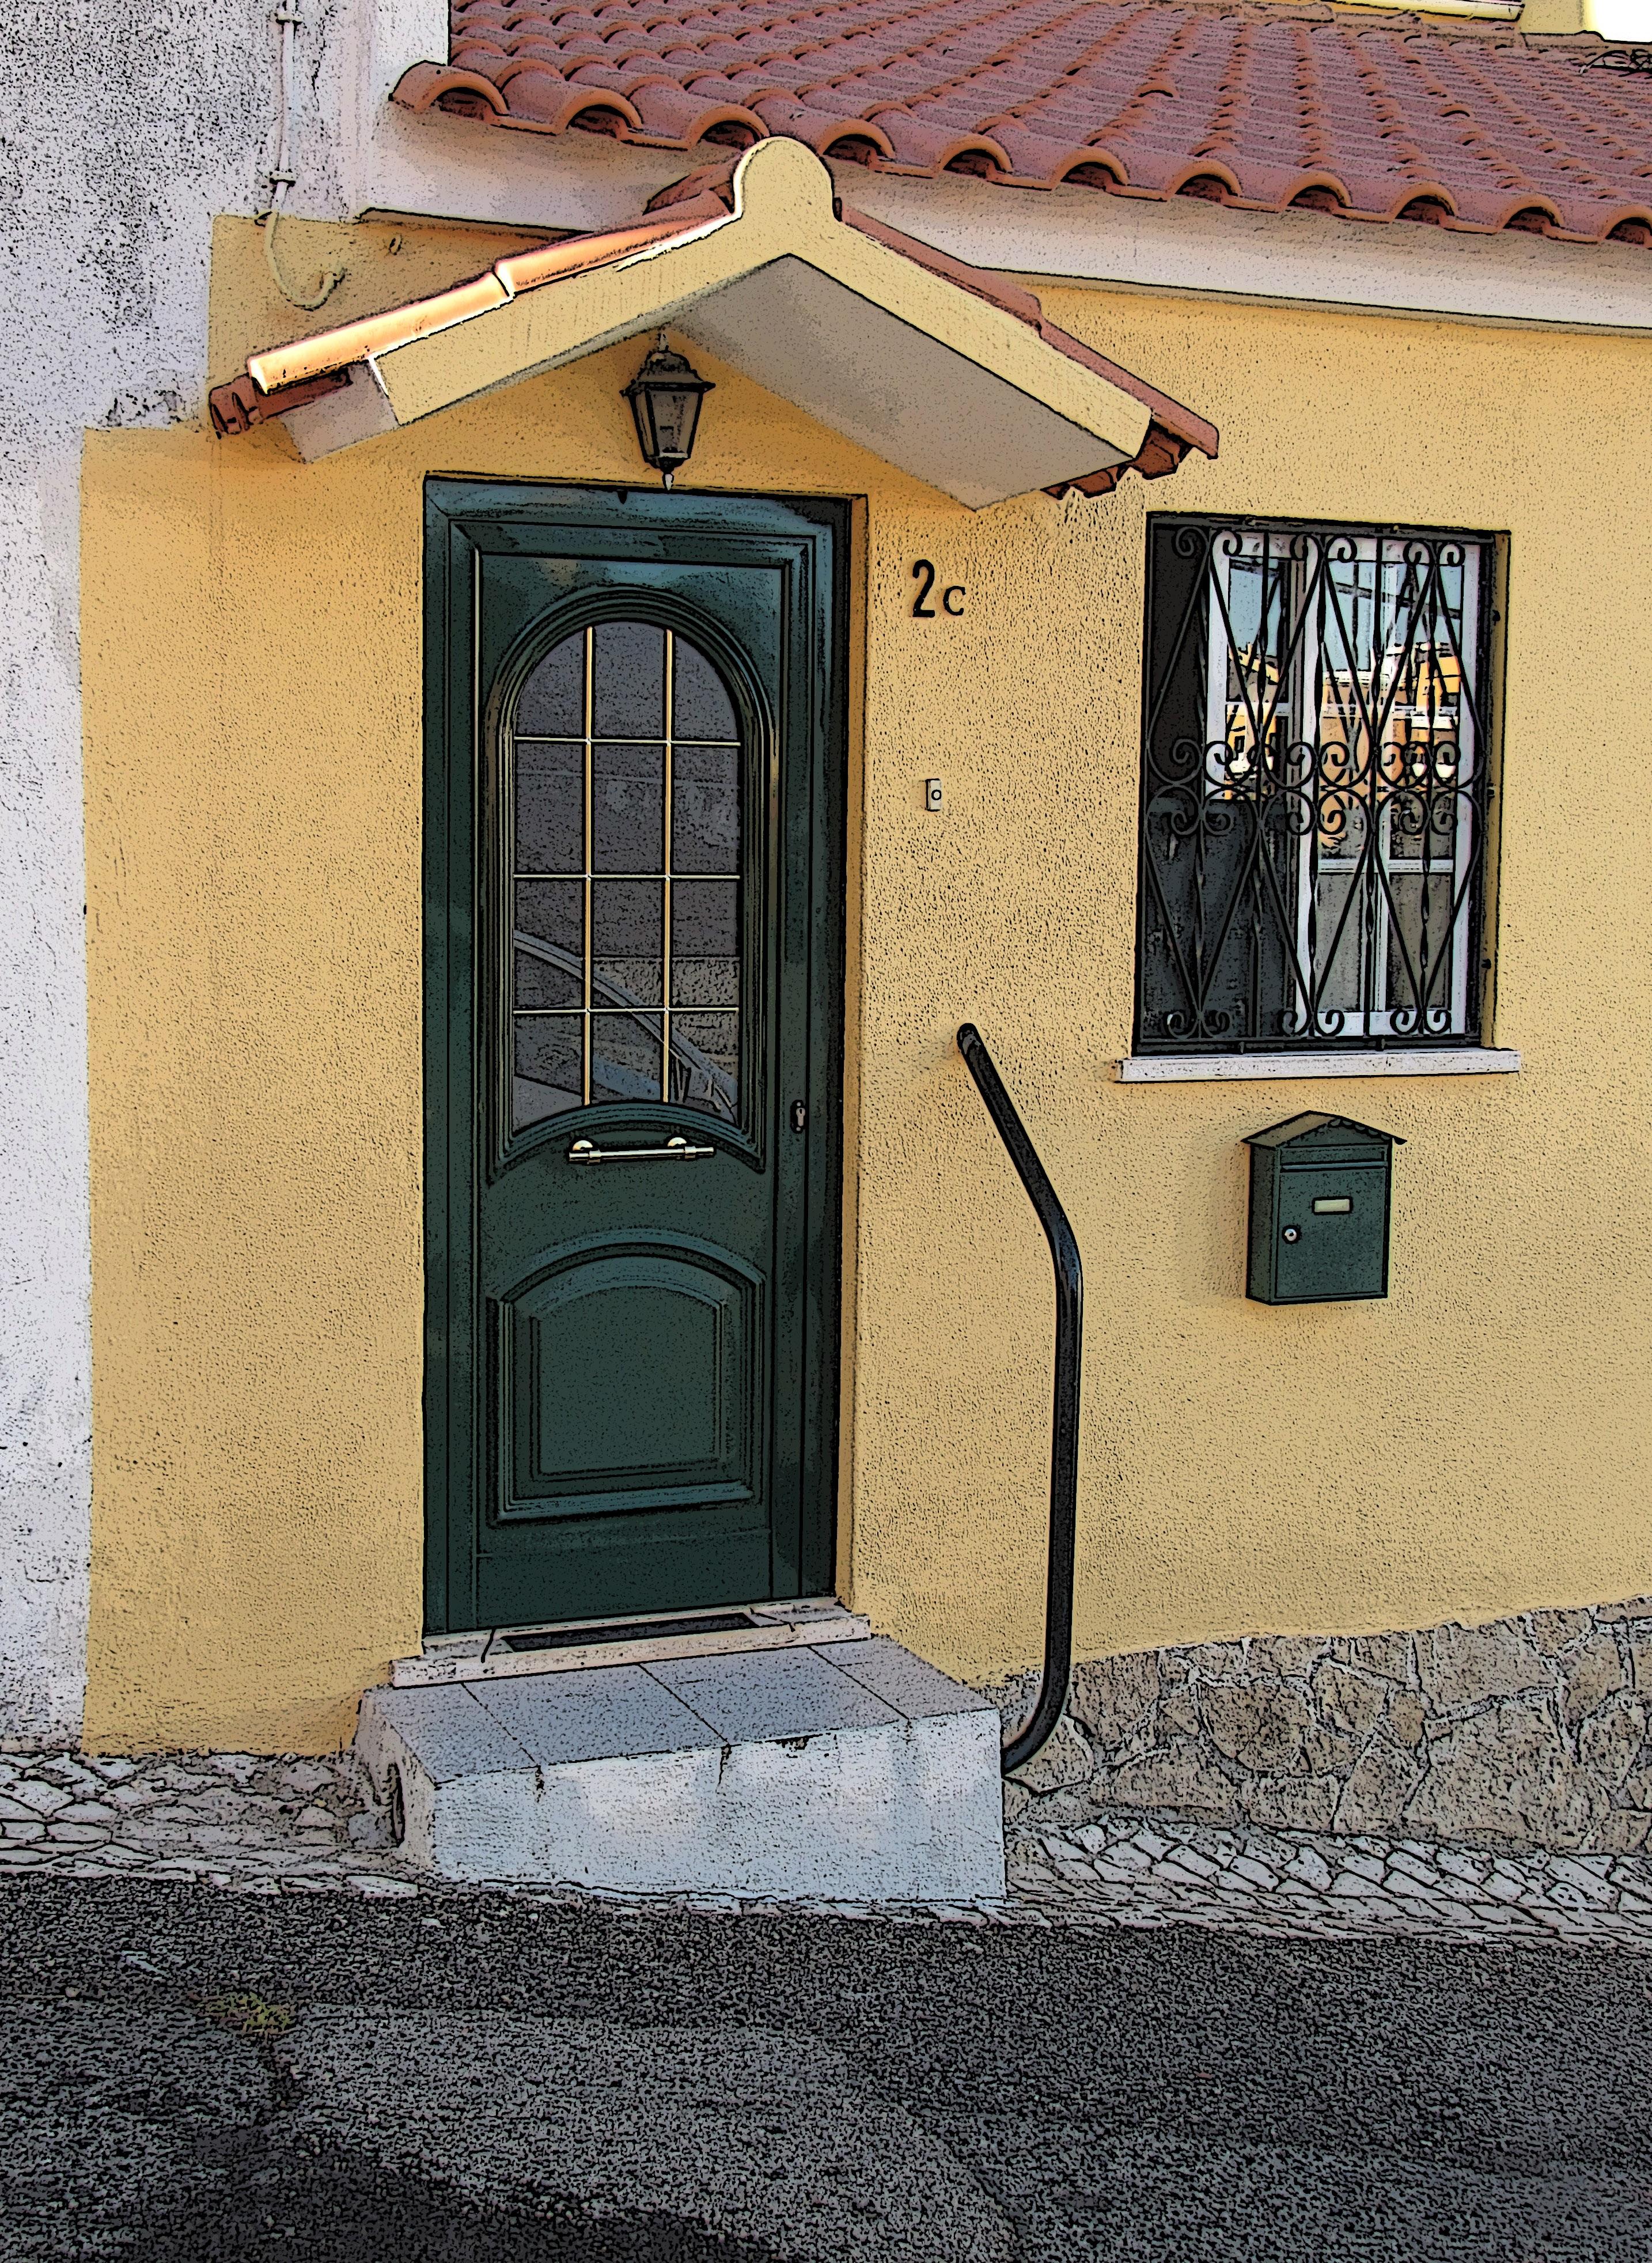 Seuil de porte interieur maison for Porte interieur maison